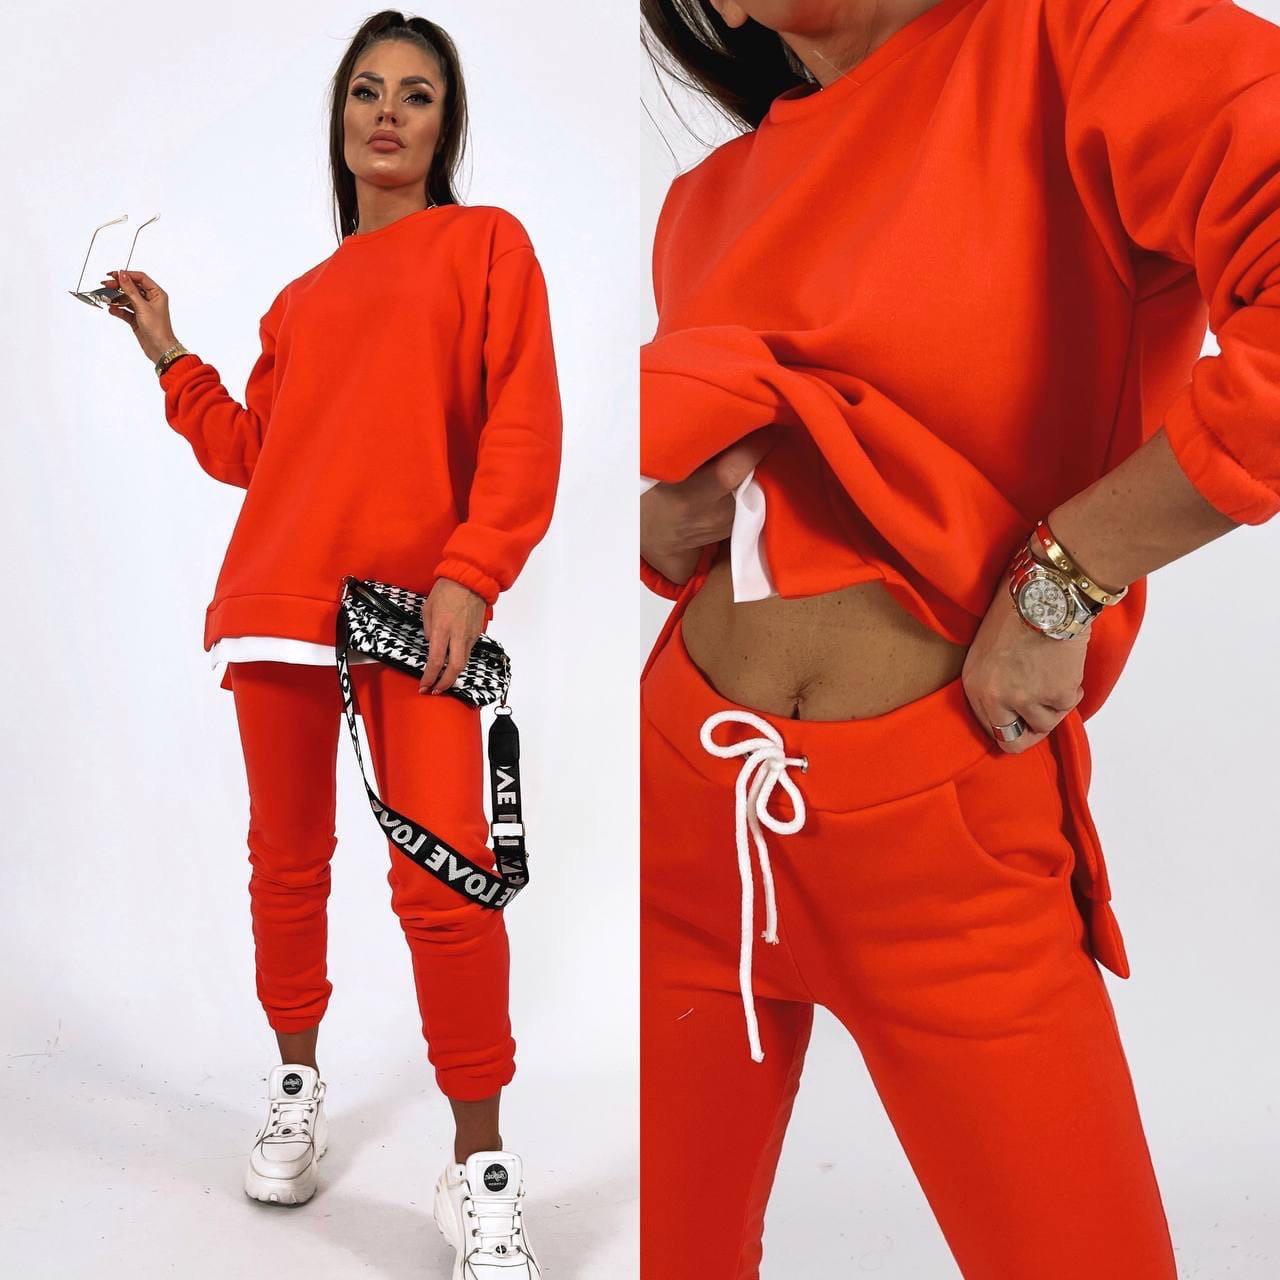 Жіночий яскравий спортивний костюм трехнить на флісі в кольорах (Норма)